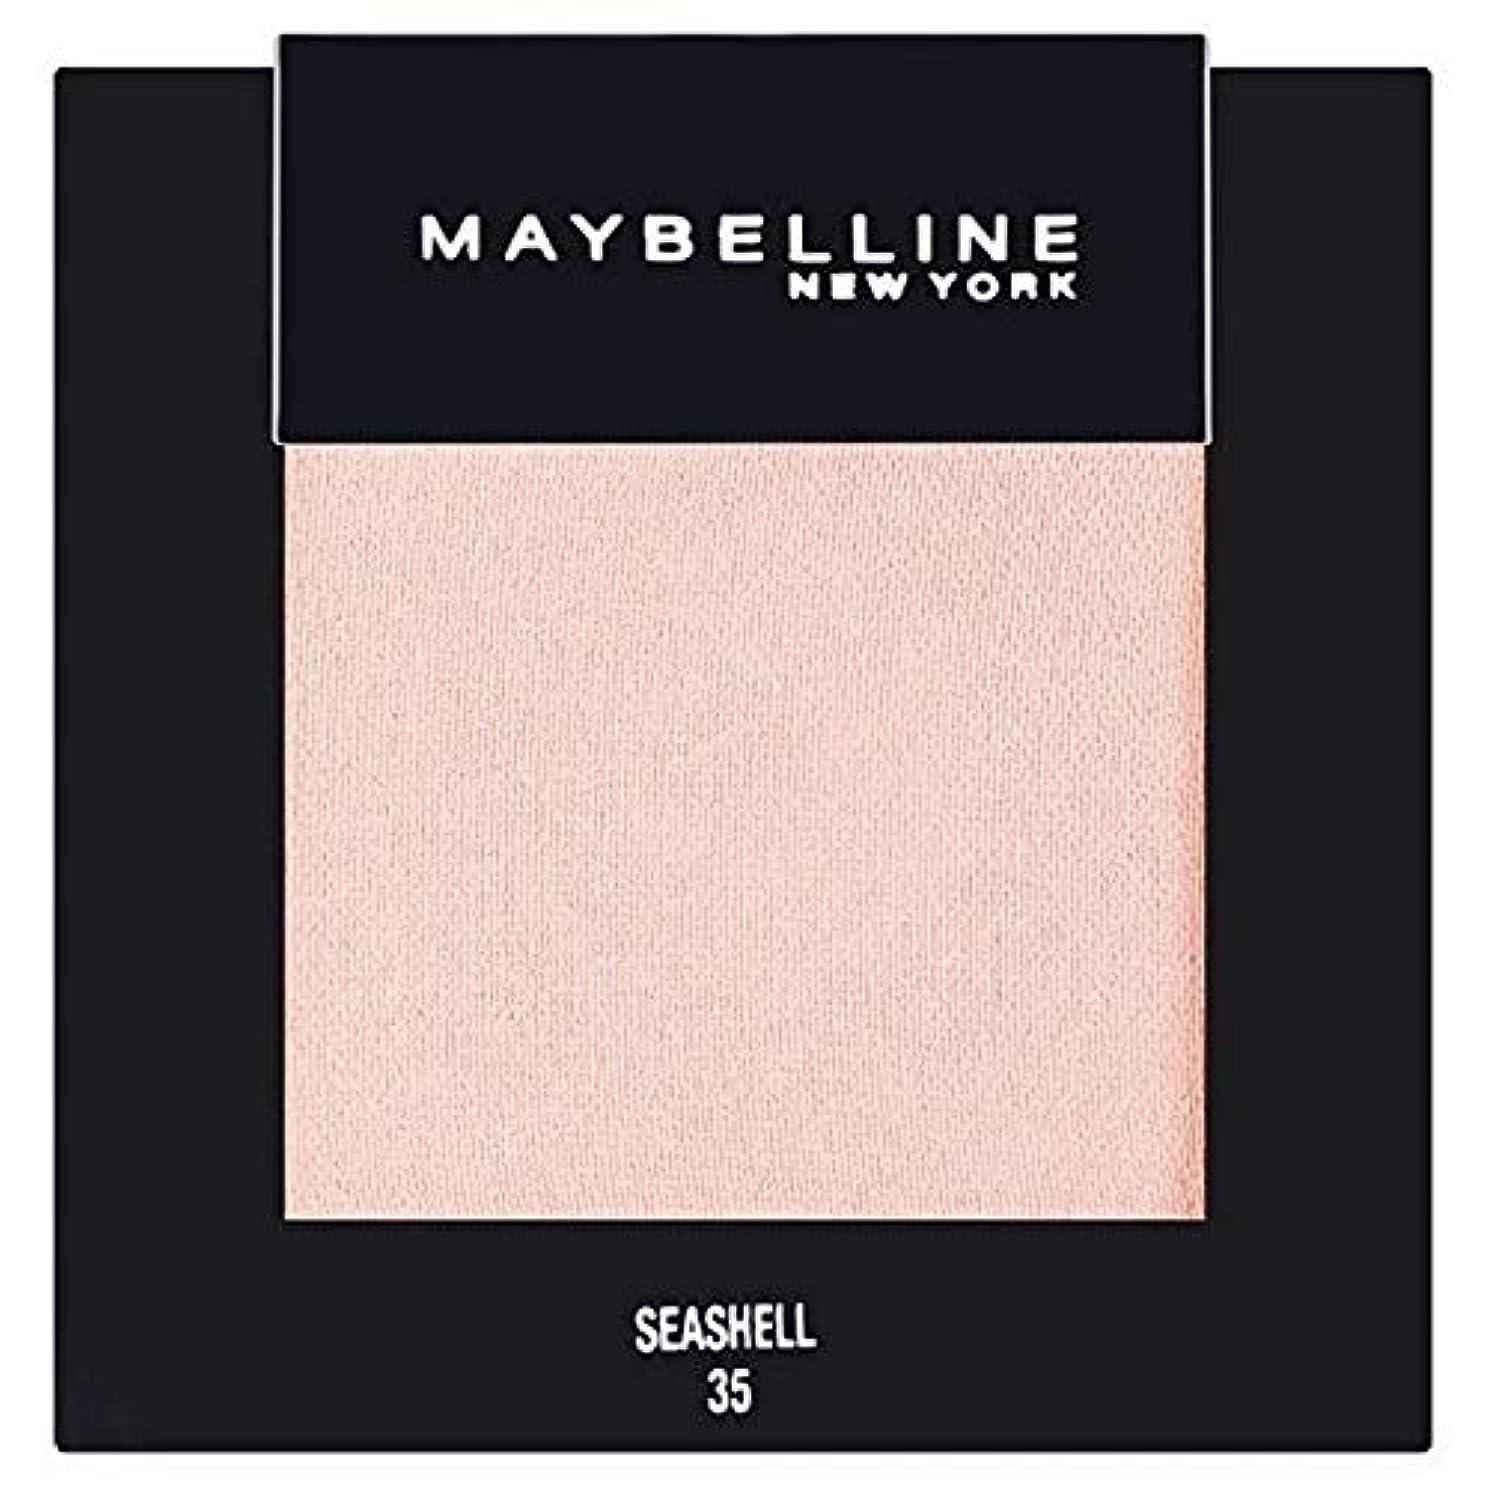 好奇心ライフル自慢[Maybelline ] メイベリンカラーショーシングルアイシャドウ35貝殻 - Maybelline Color Show Single Eyeshadow 35 Seashell [並行輸入品]